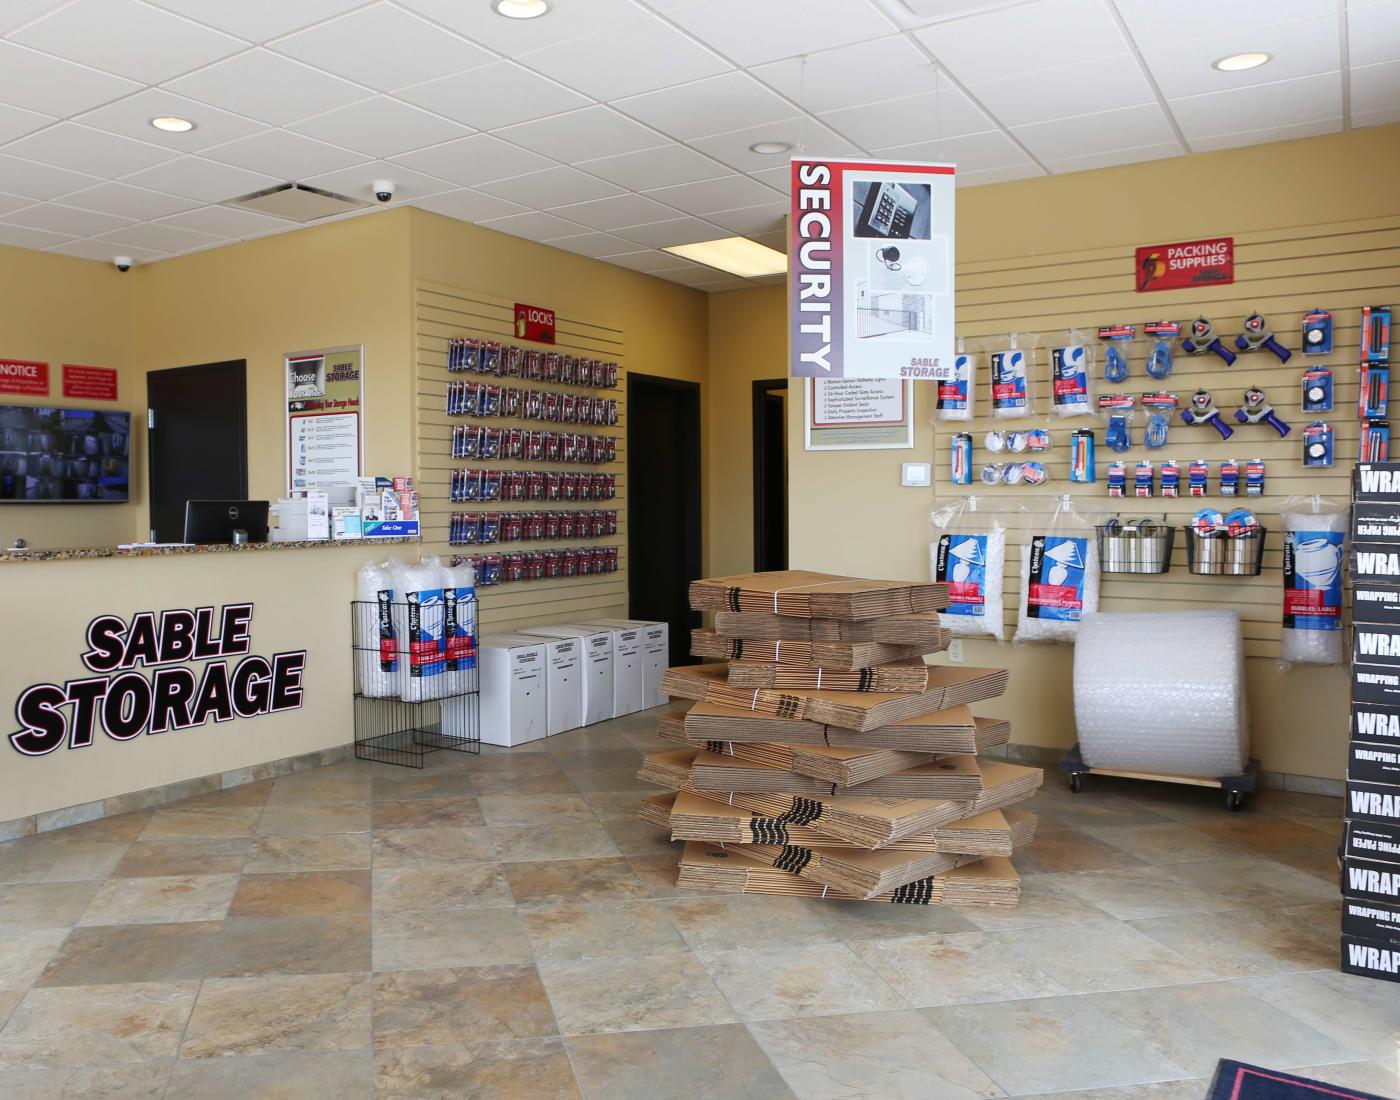 Storage suplies at Sable Storage in Brighton, Colorado